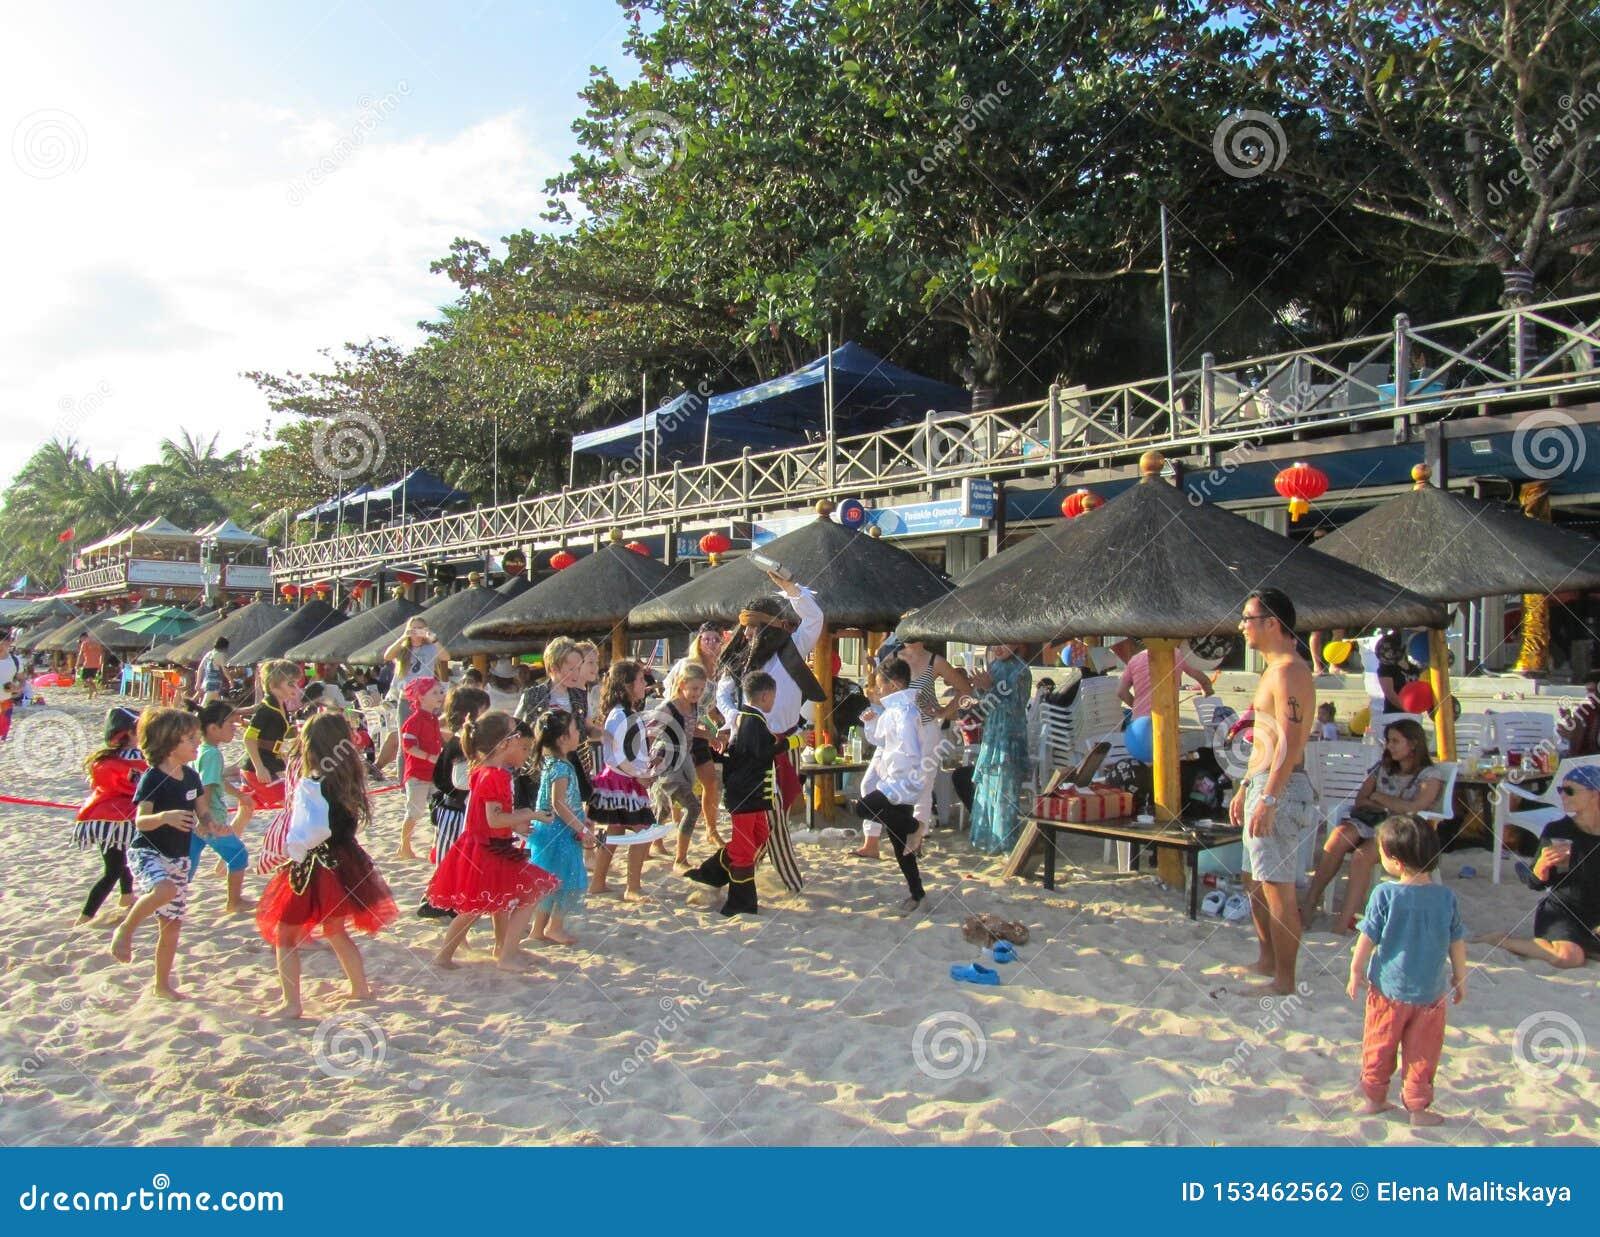 Provincia della Cina, Hainan, spiaggia di Dadonghai 20 gennaio 2018 la festa dei bambini Gli animatori intrattengono i bambini